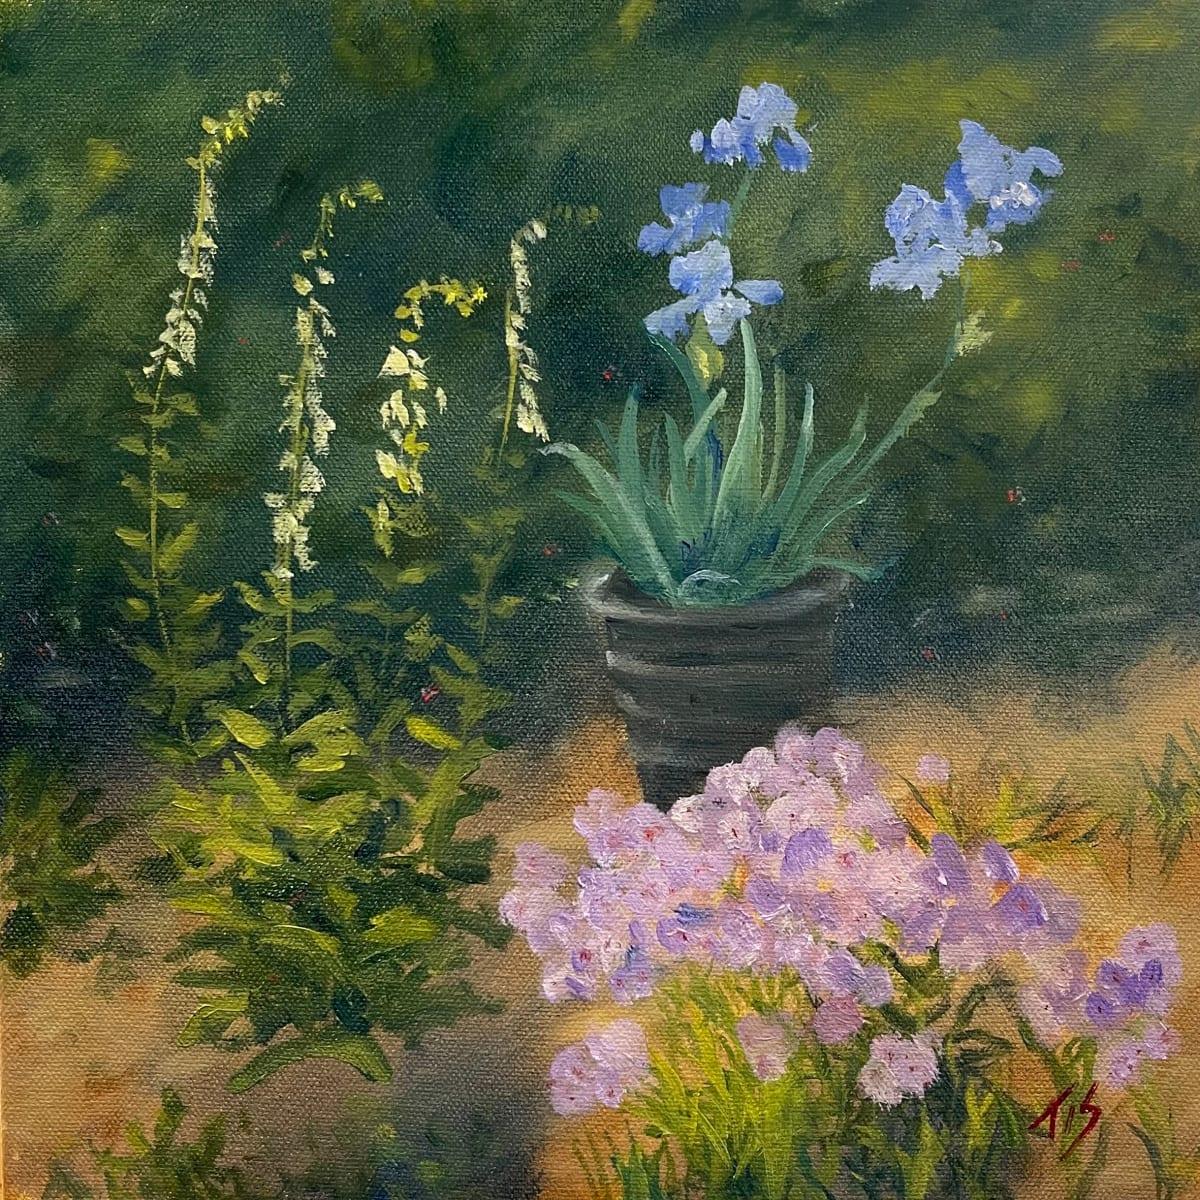 Blue Iris by Thomas Stevens